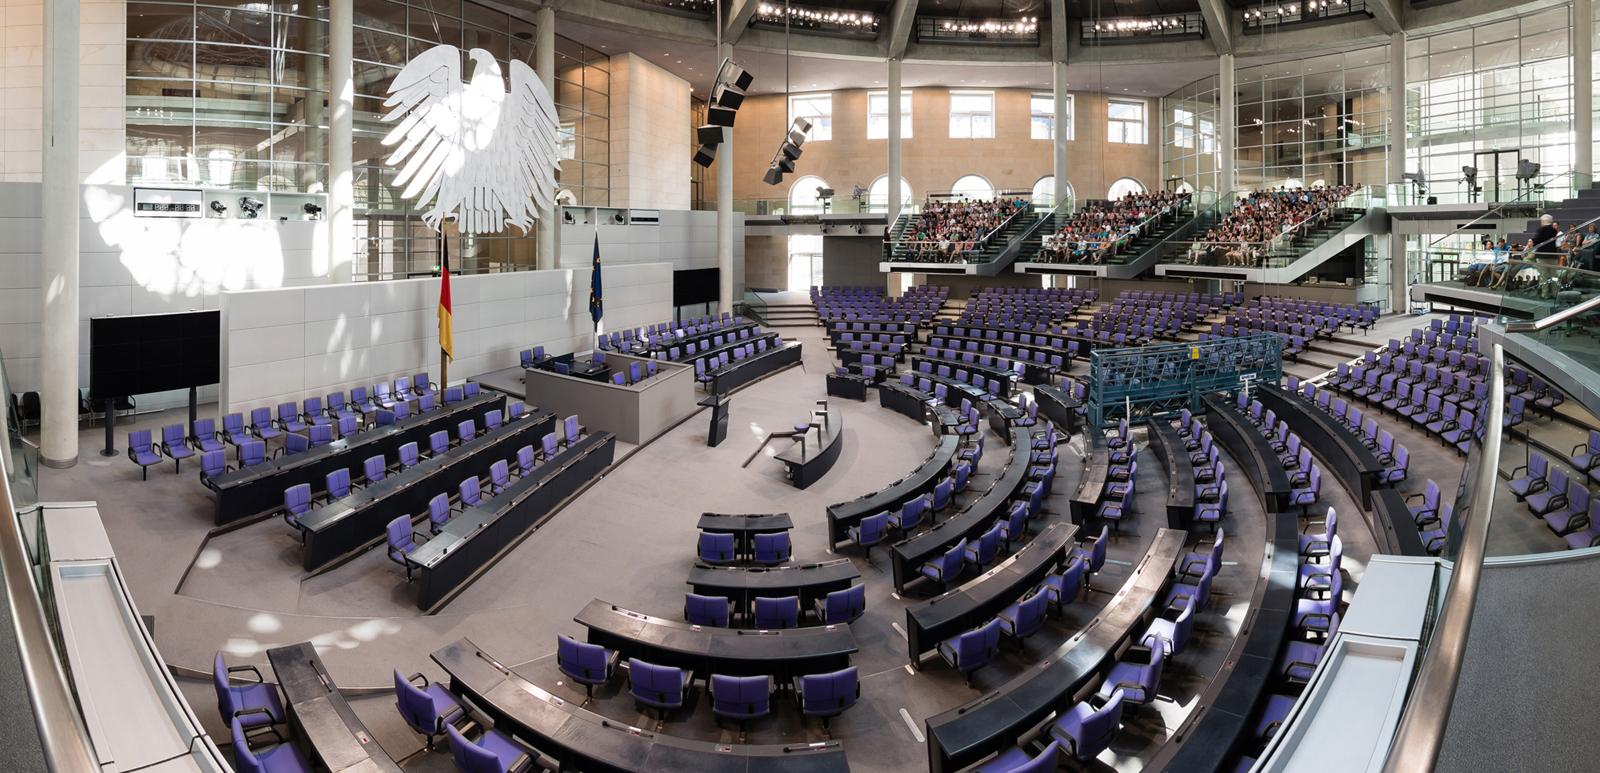 Parlamento tedesco bundestag e bundesrat affari miei for Numero legale parlamento